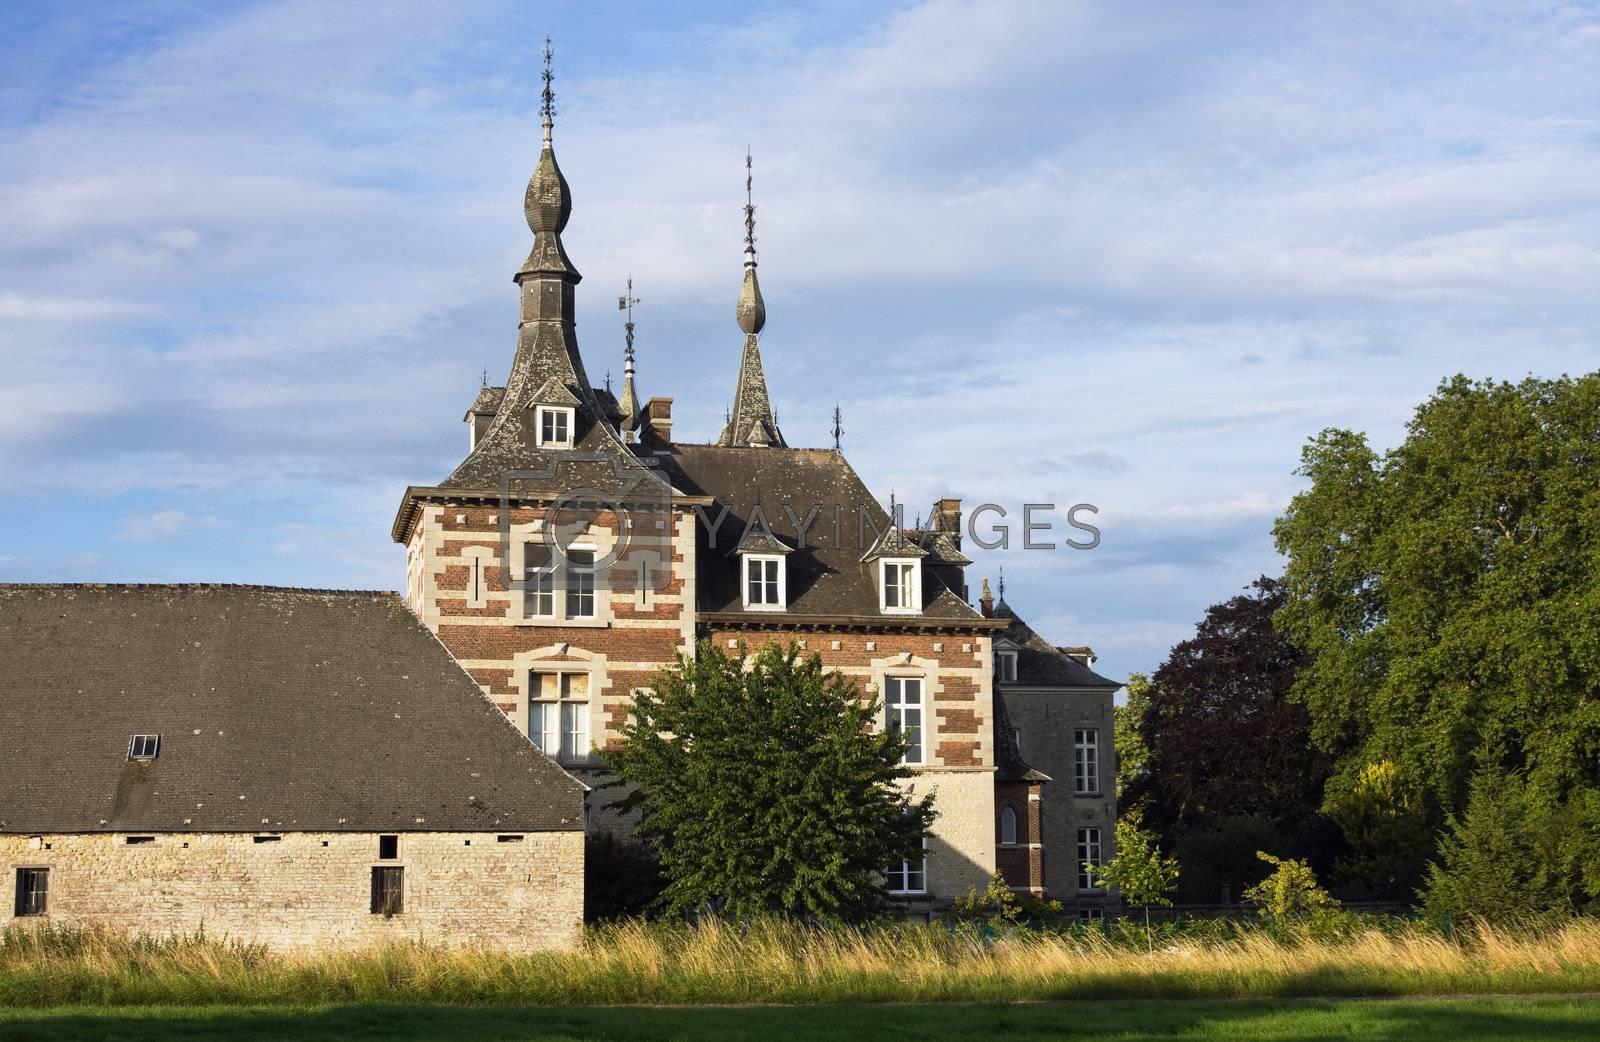 Kasteel van Perk (Perk castle) - Flanders, Belgium.